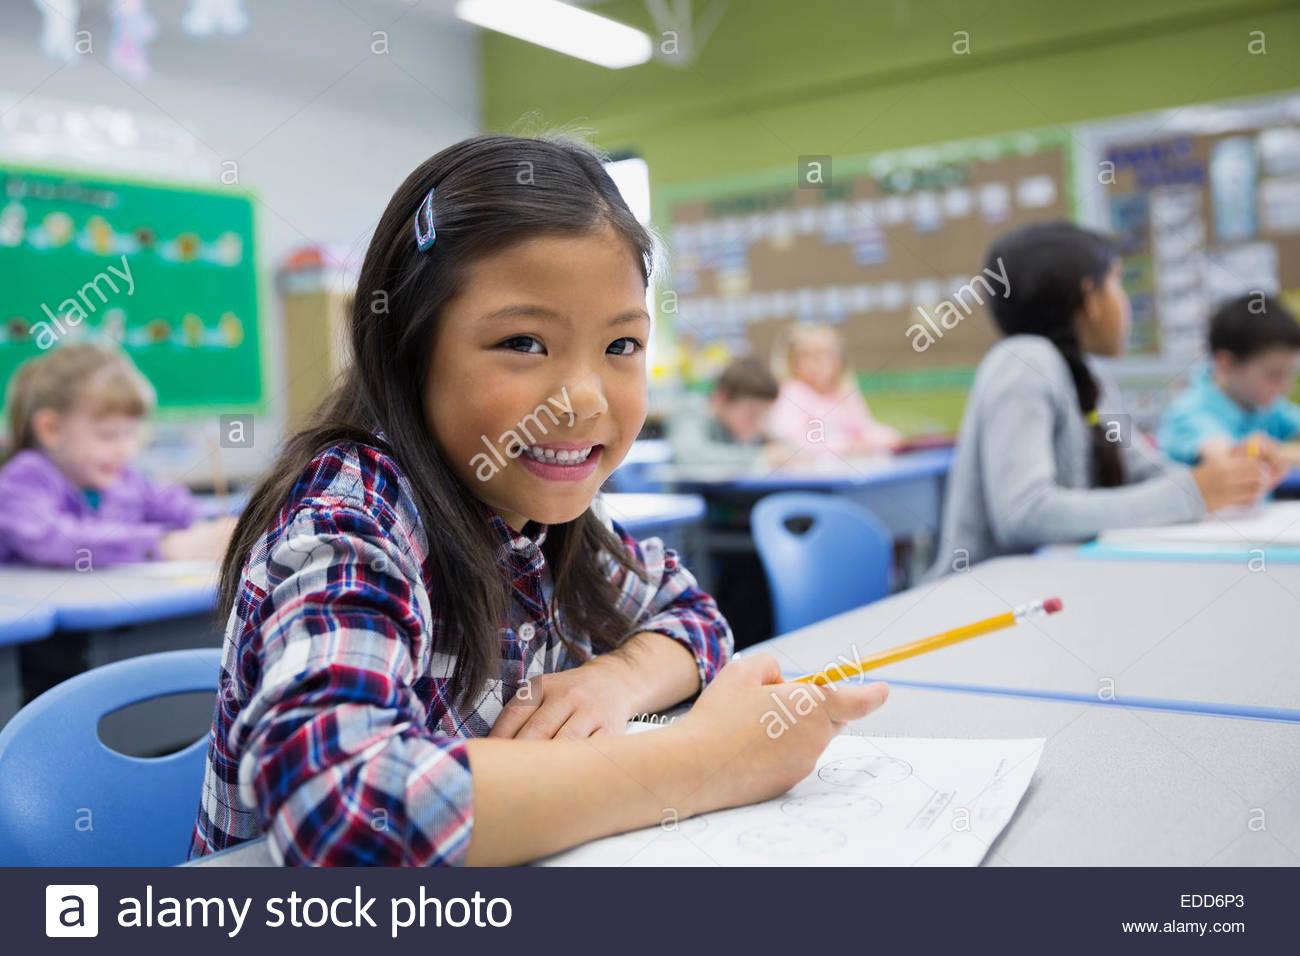 Retrato de sonriente estudiante de primaria en el escritorio Imagen De Stock